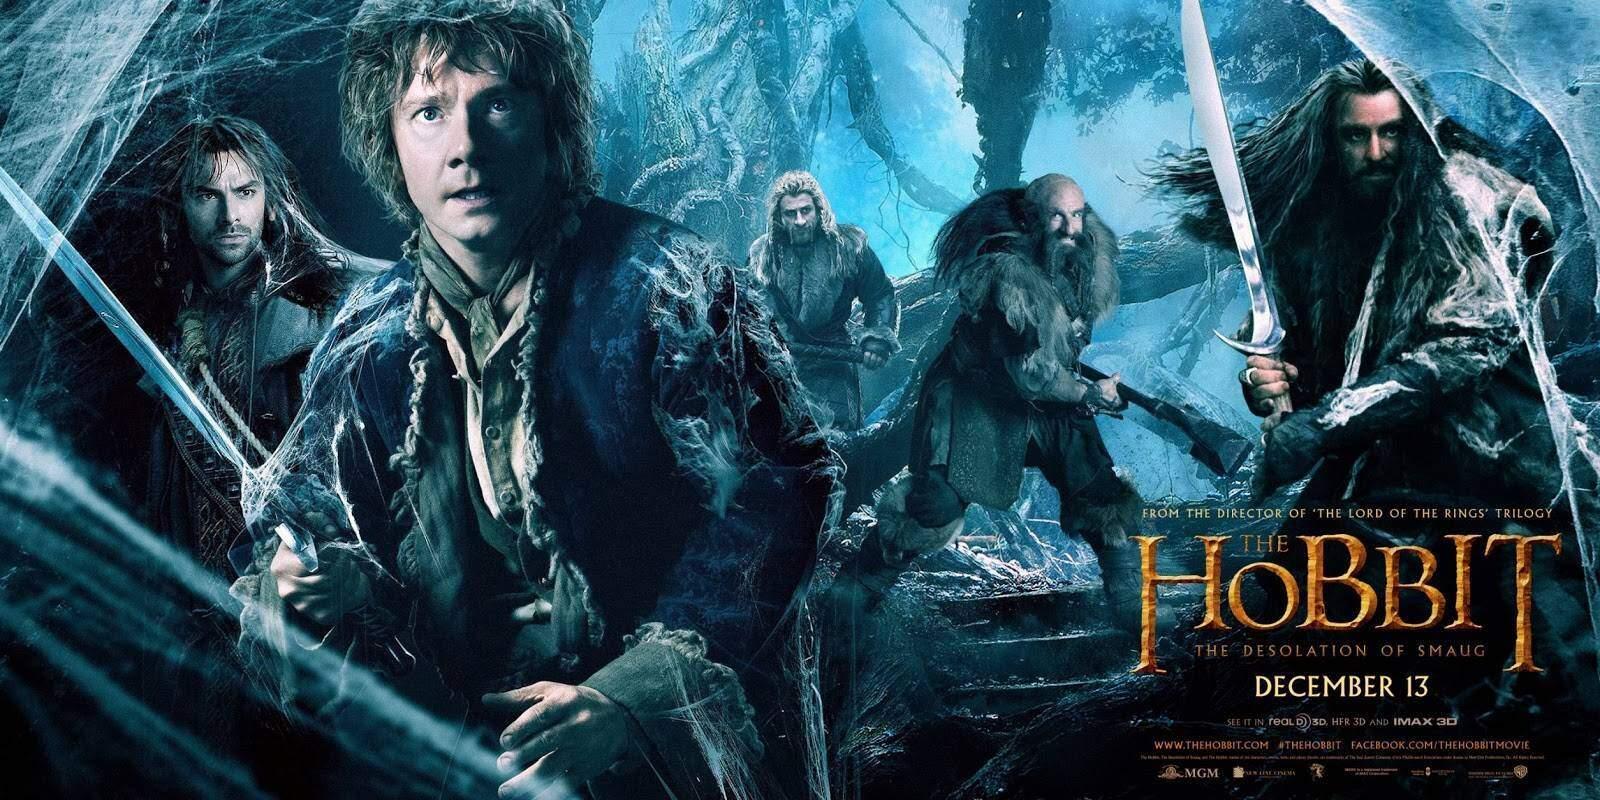 Lo Hobbit: La Desolazione di Smaug: nuovo Trailer Ufficiale in italiano